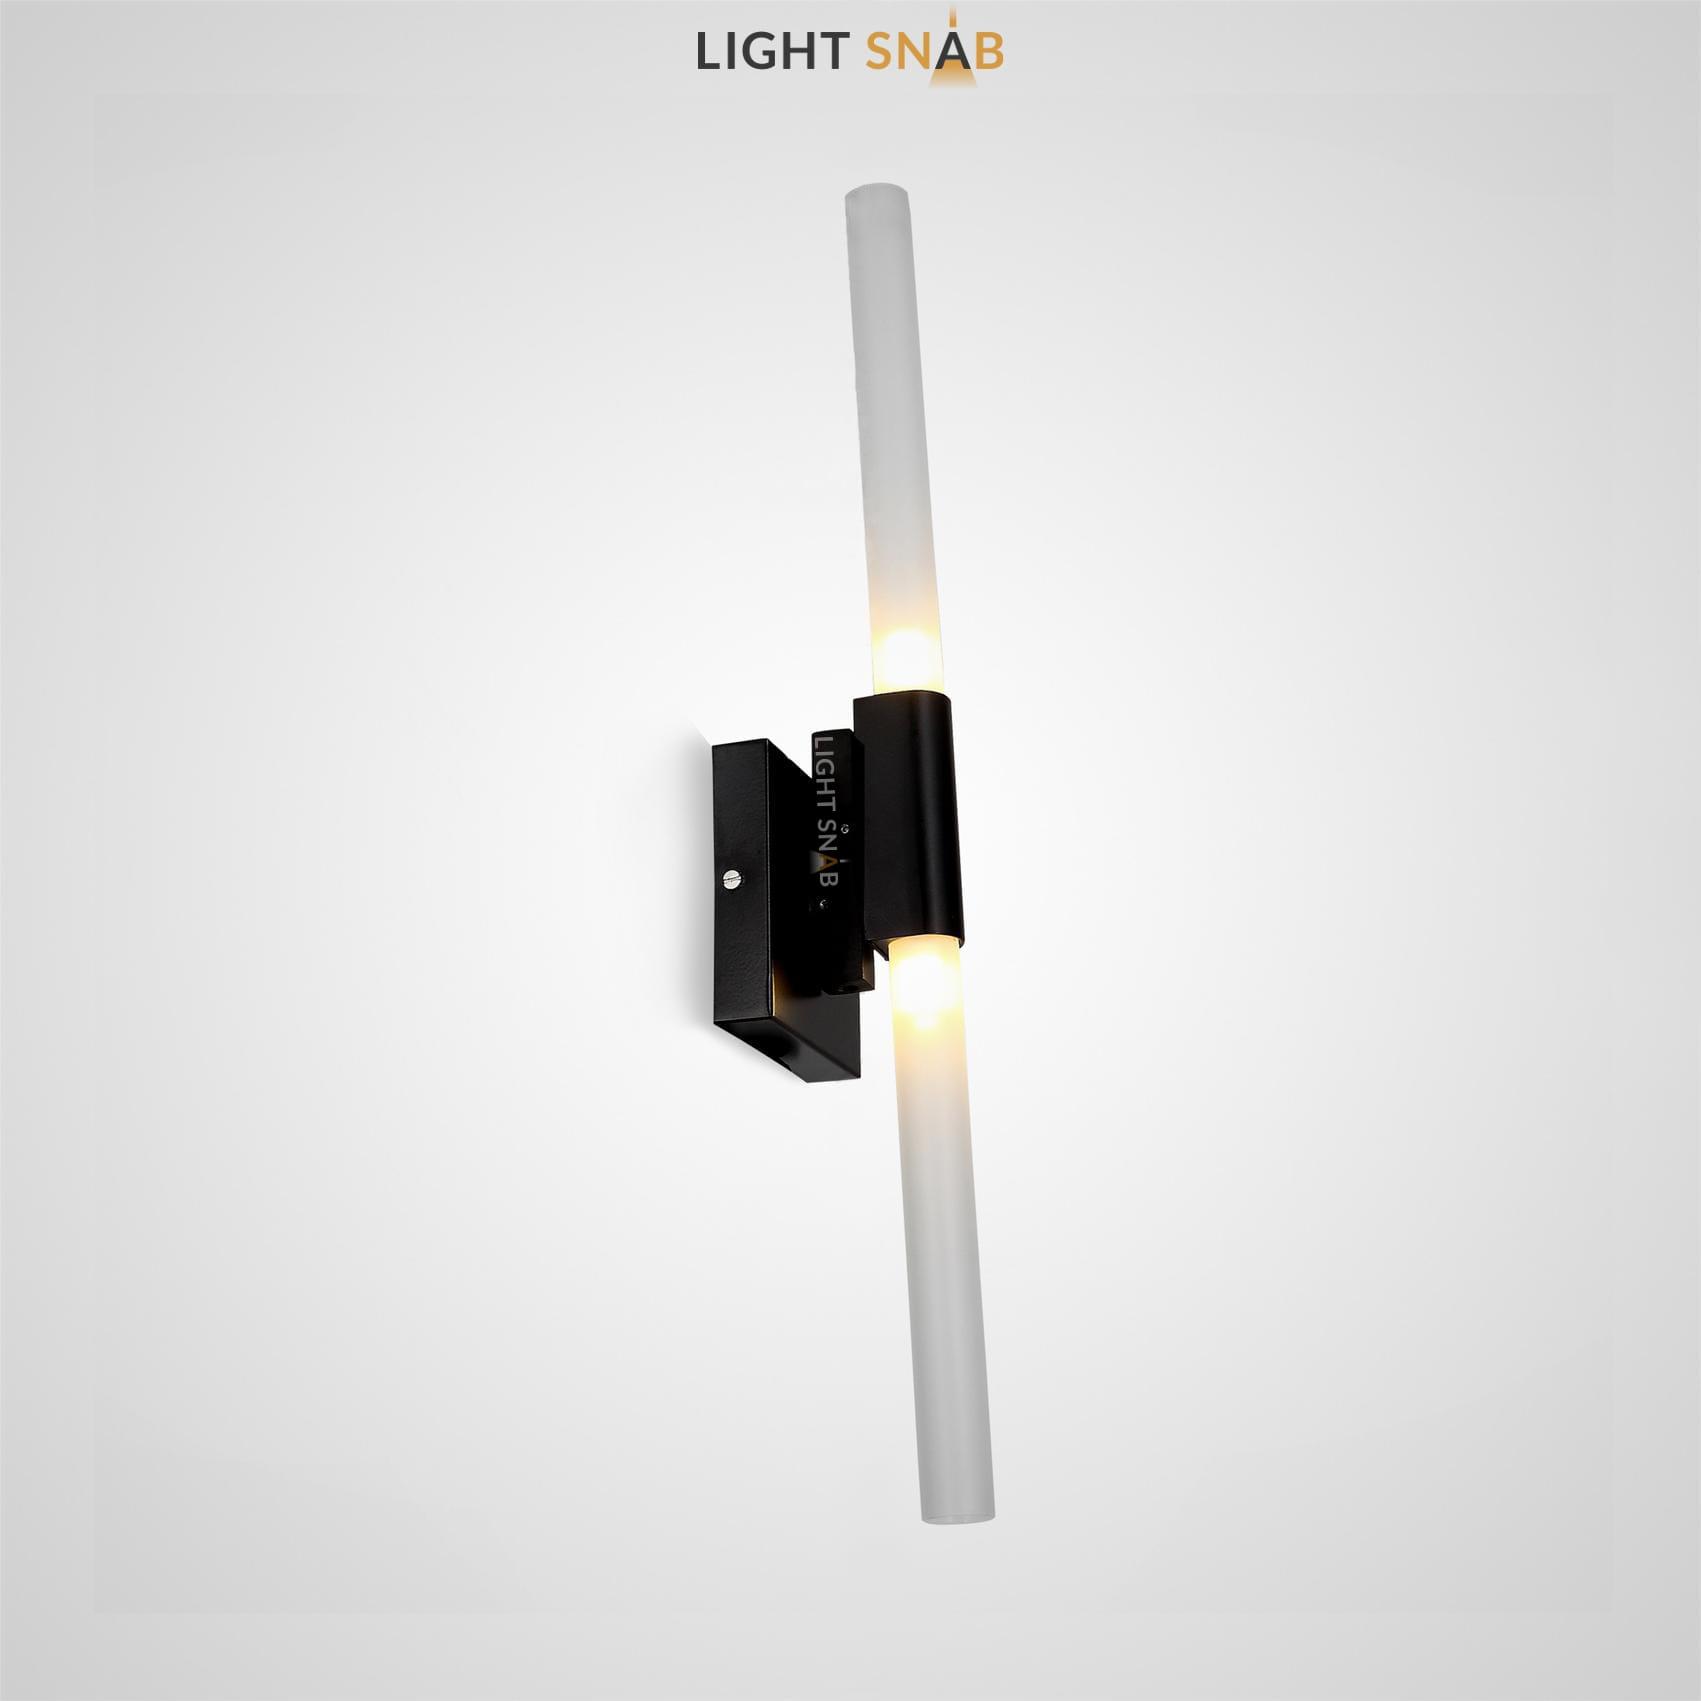 Настенный светильник Spada Wall цвет черный